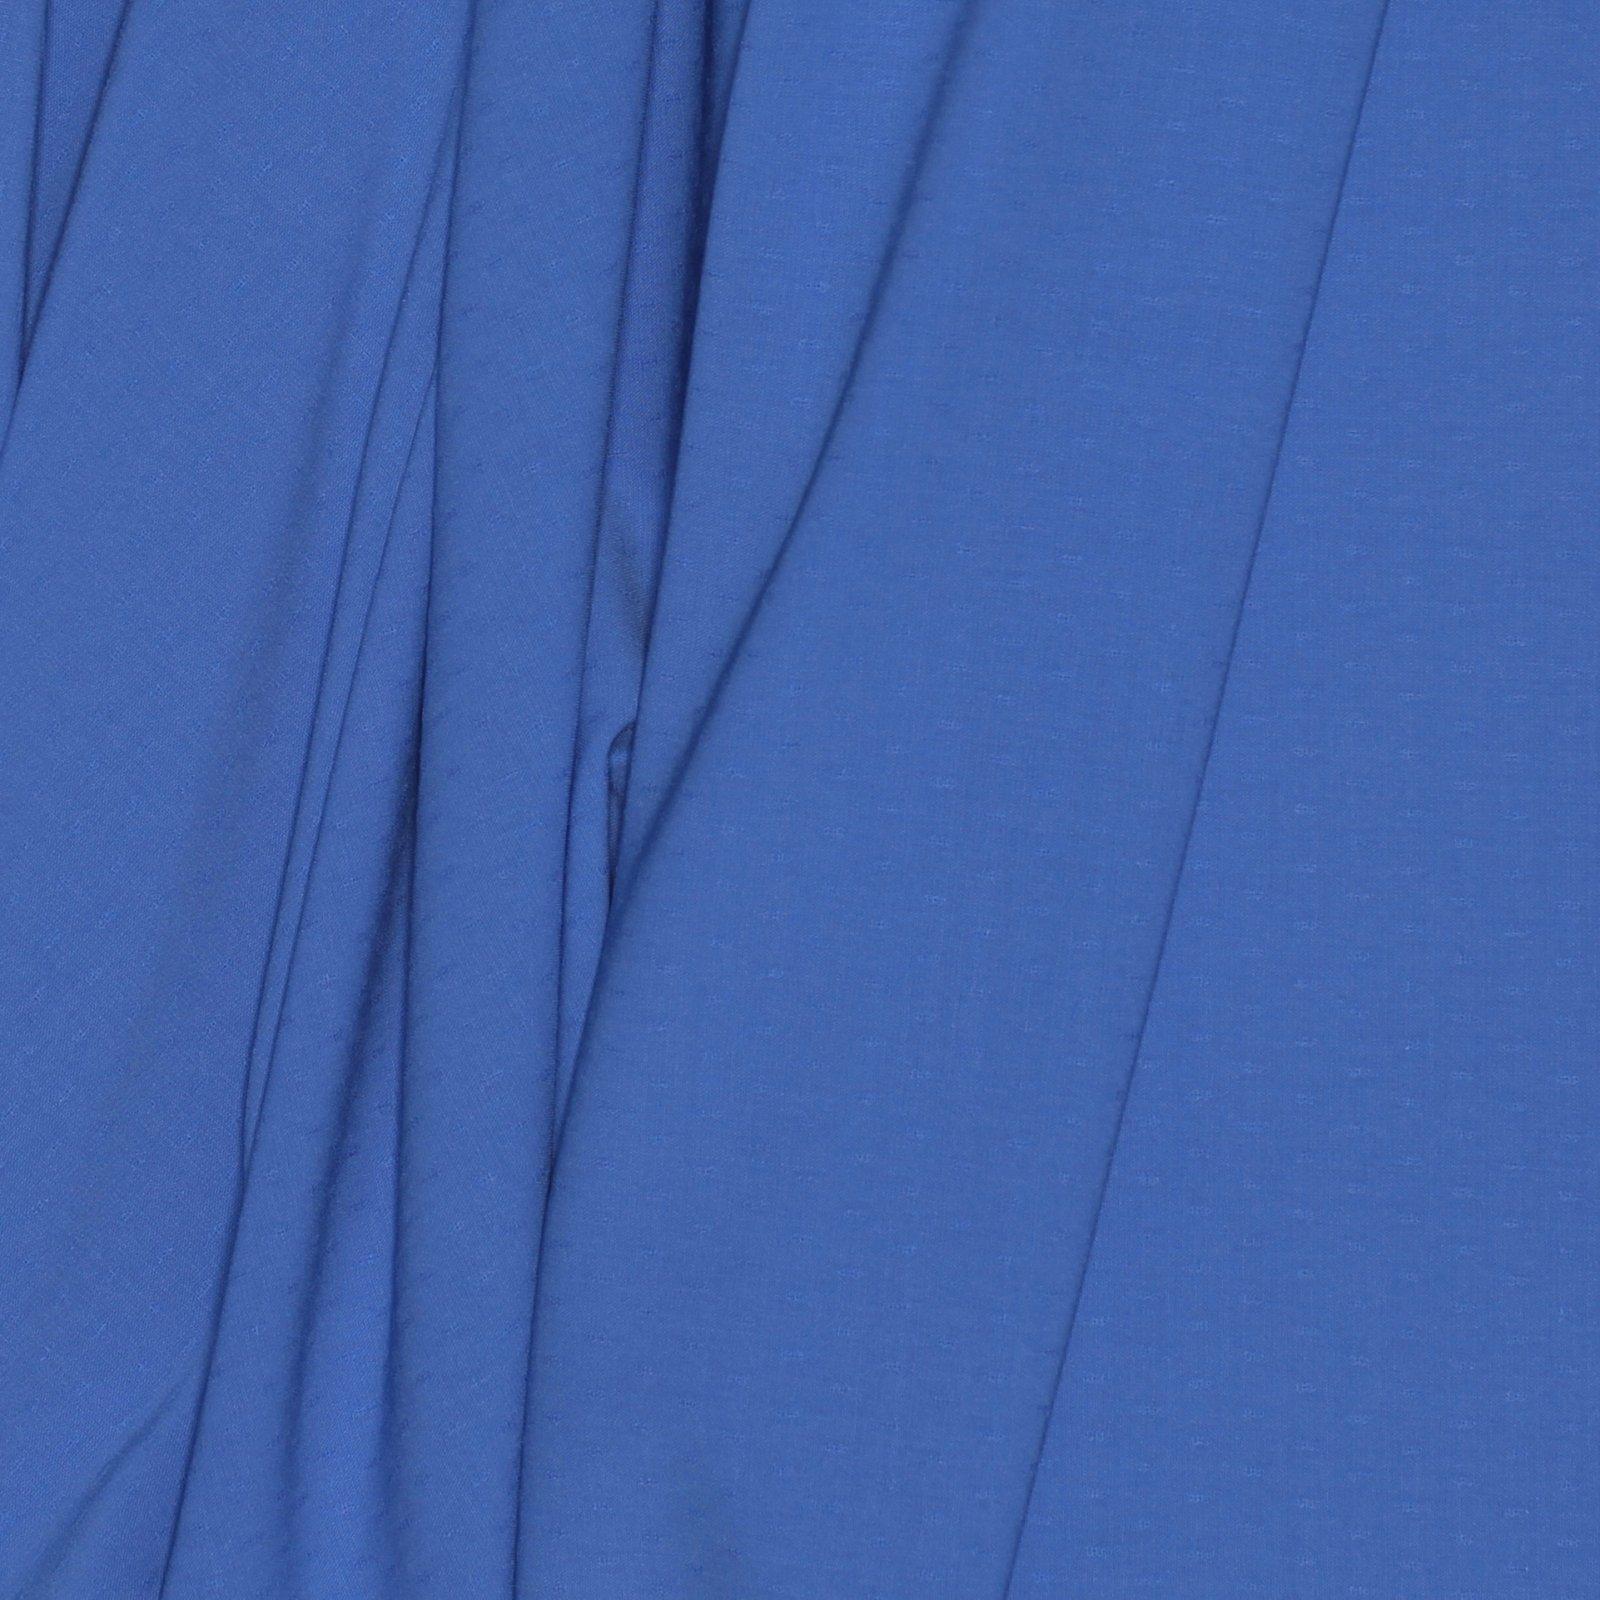 Periwinkle Woven Dot Italian Wool/Lycra